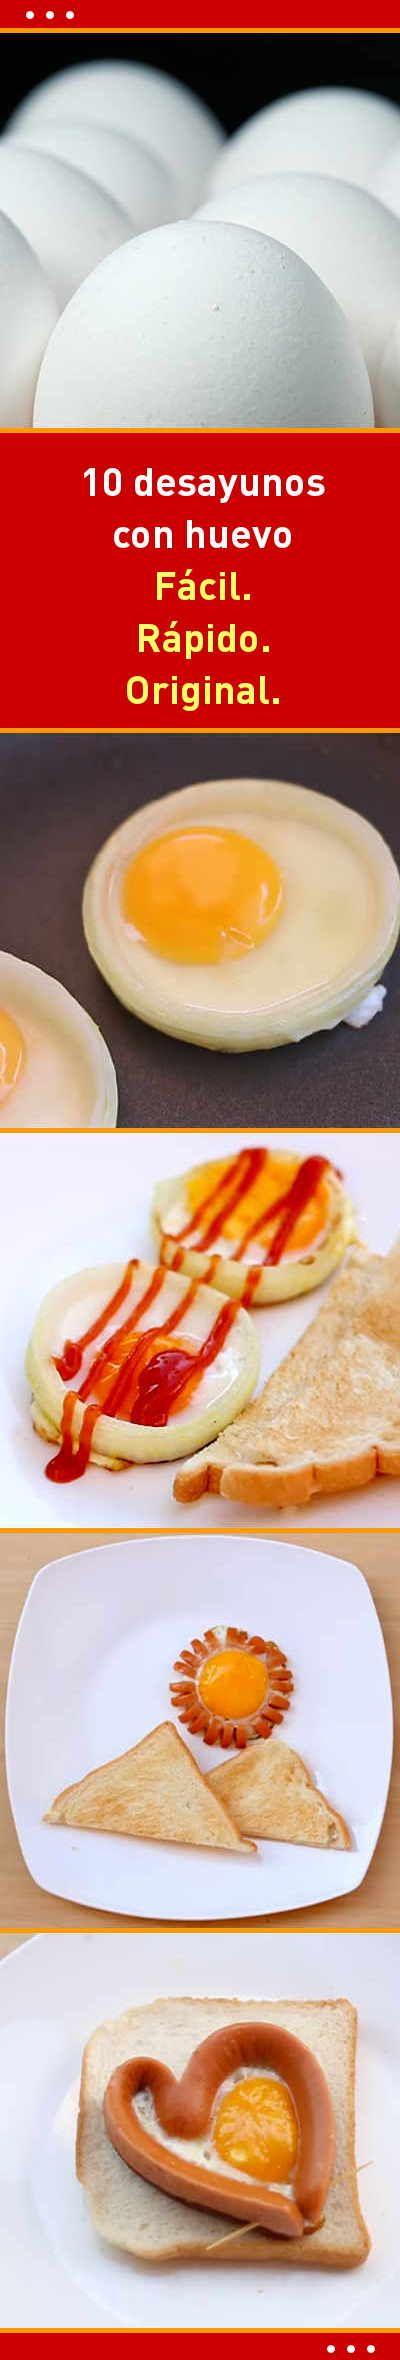 10 desayunos con huevo. Fácil. Rápido. Original.